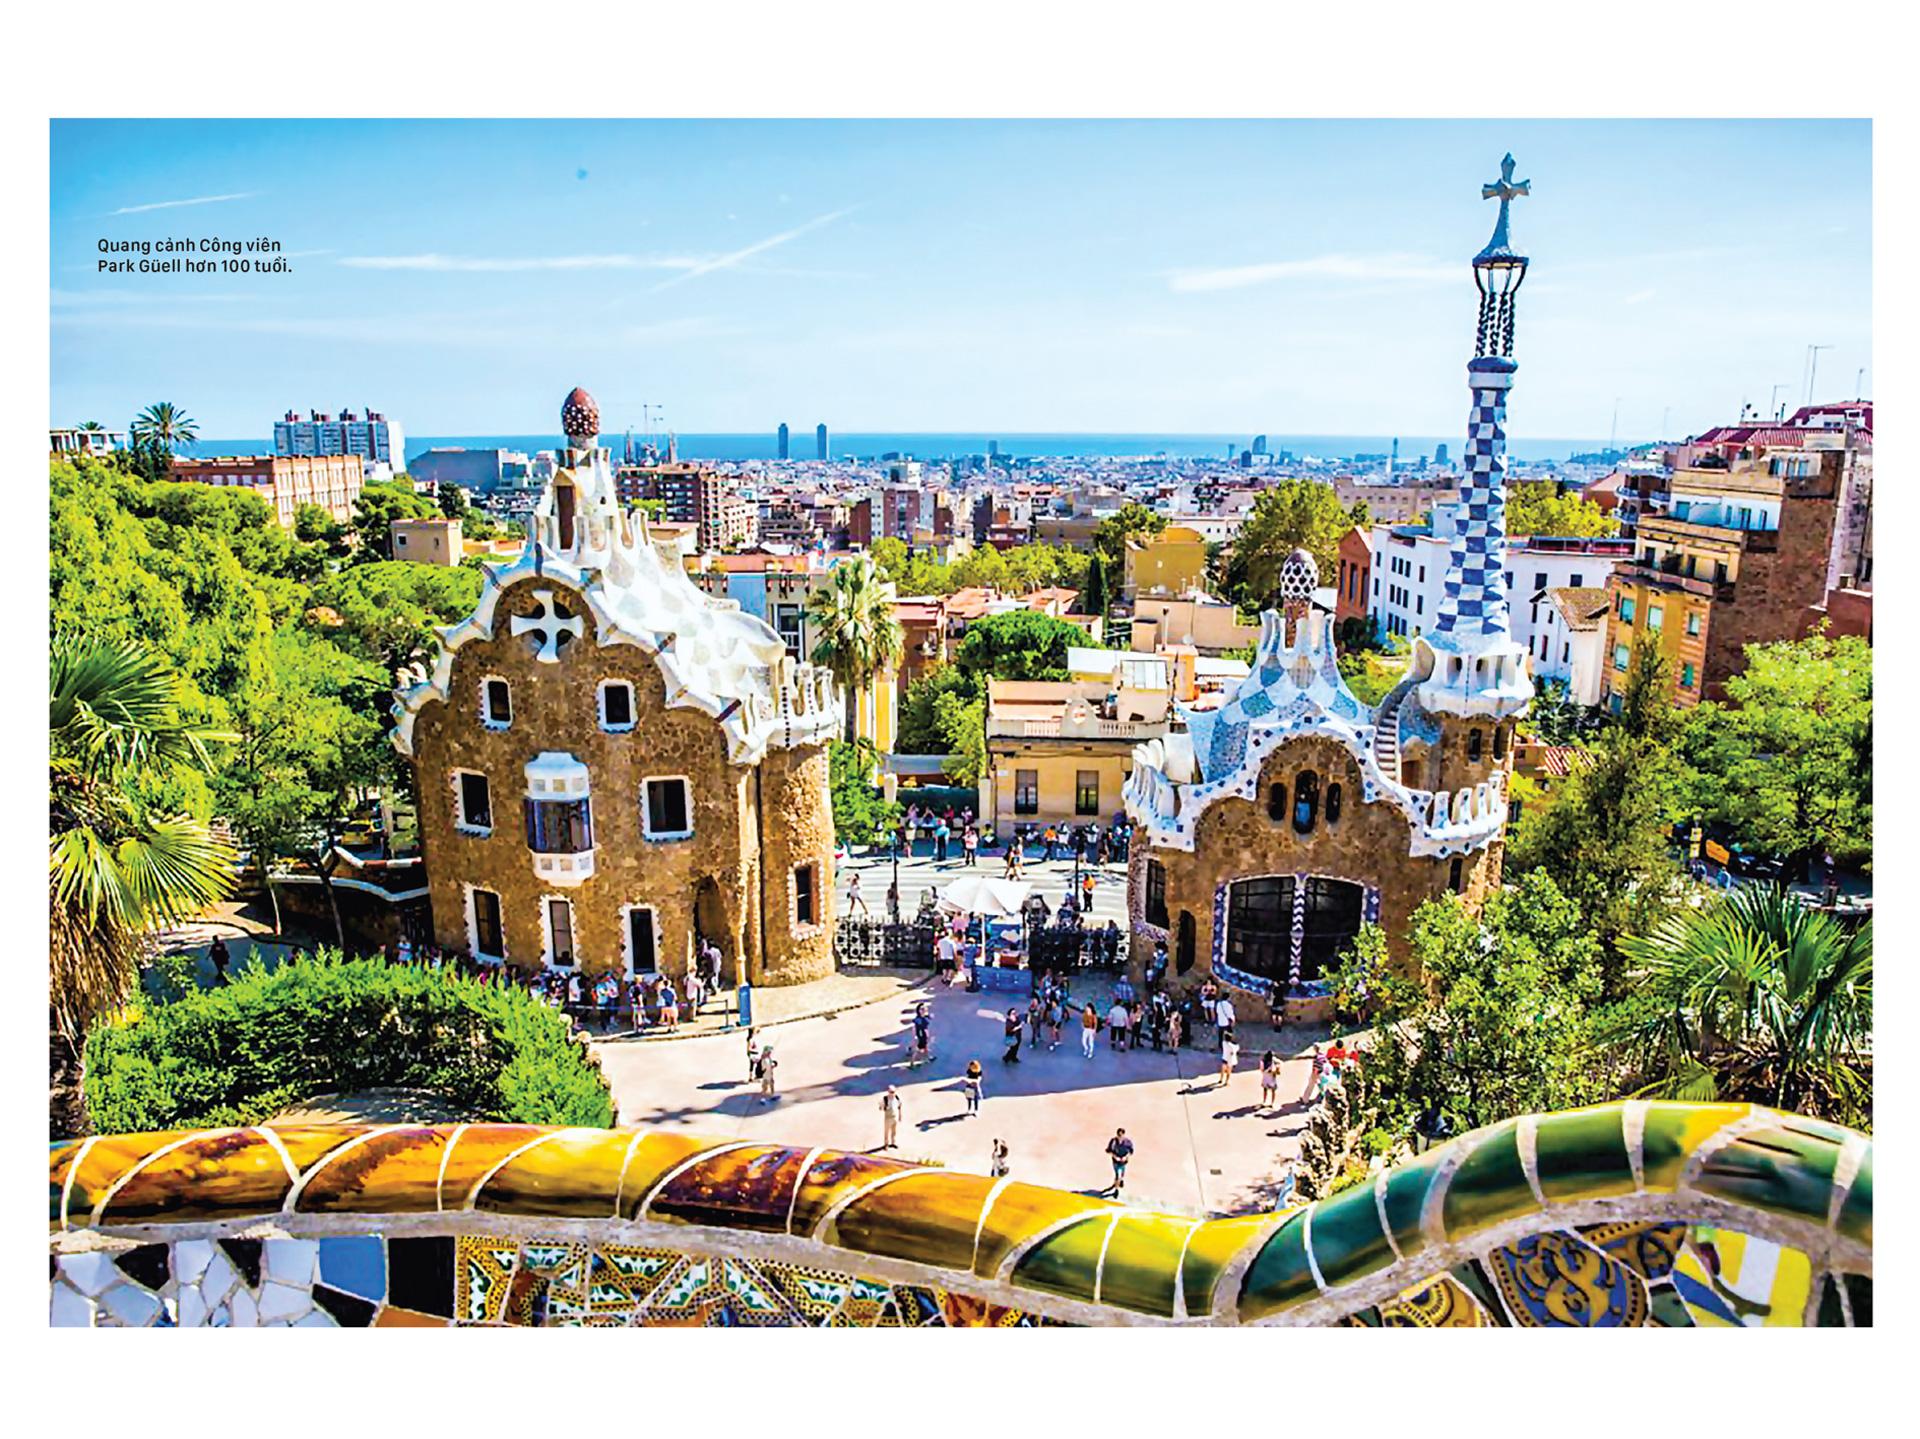 Thiên đường kiến trúc Gaudí ở Barcelona ảnh 1